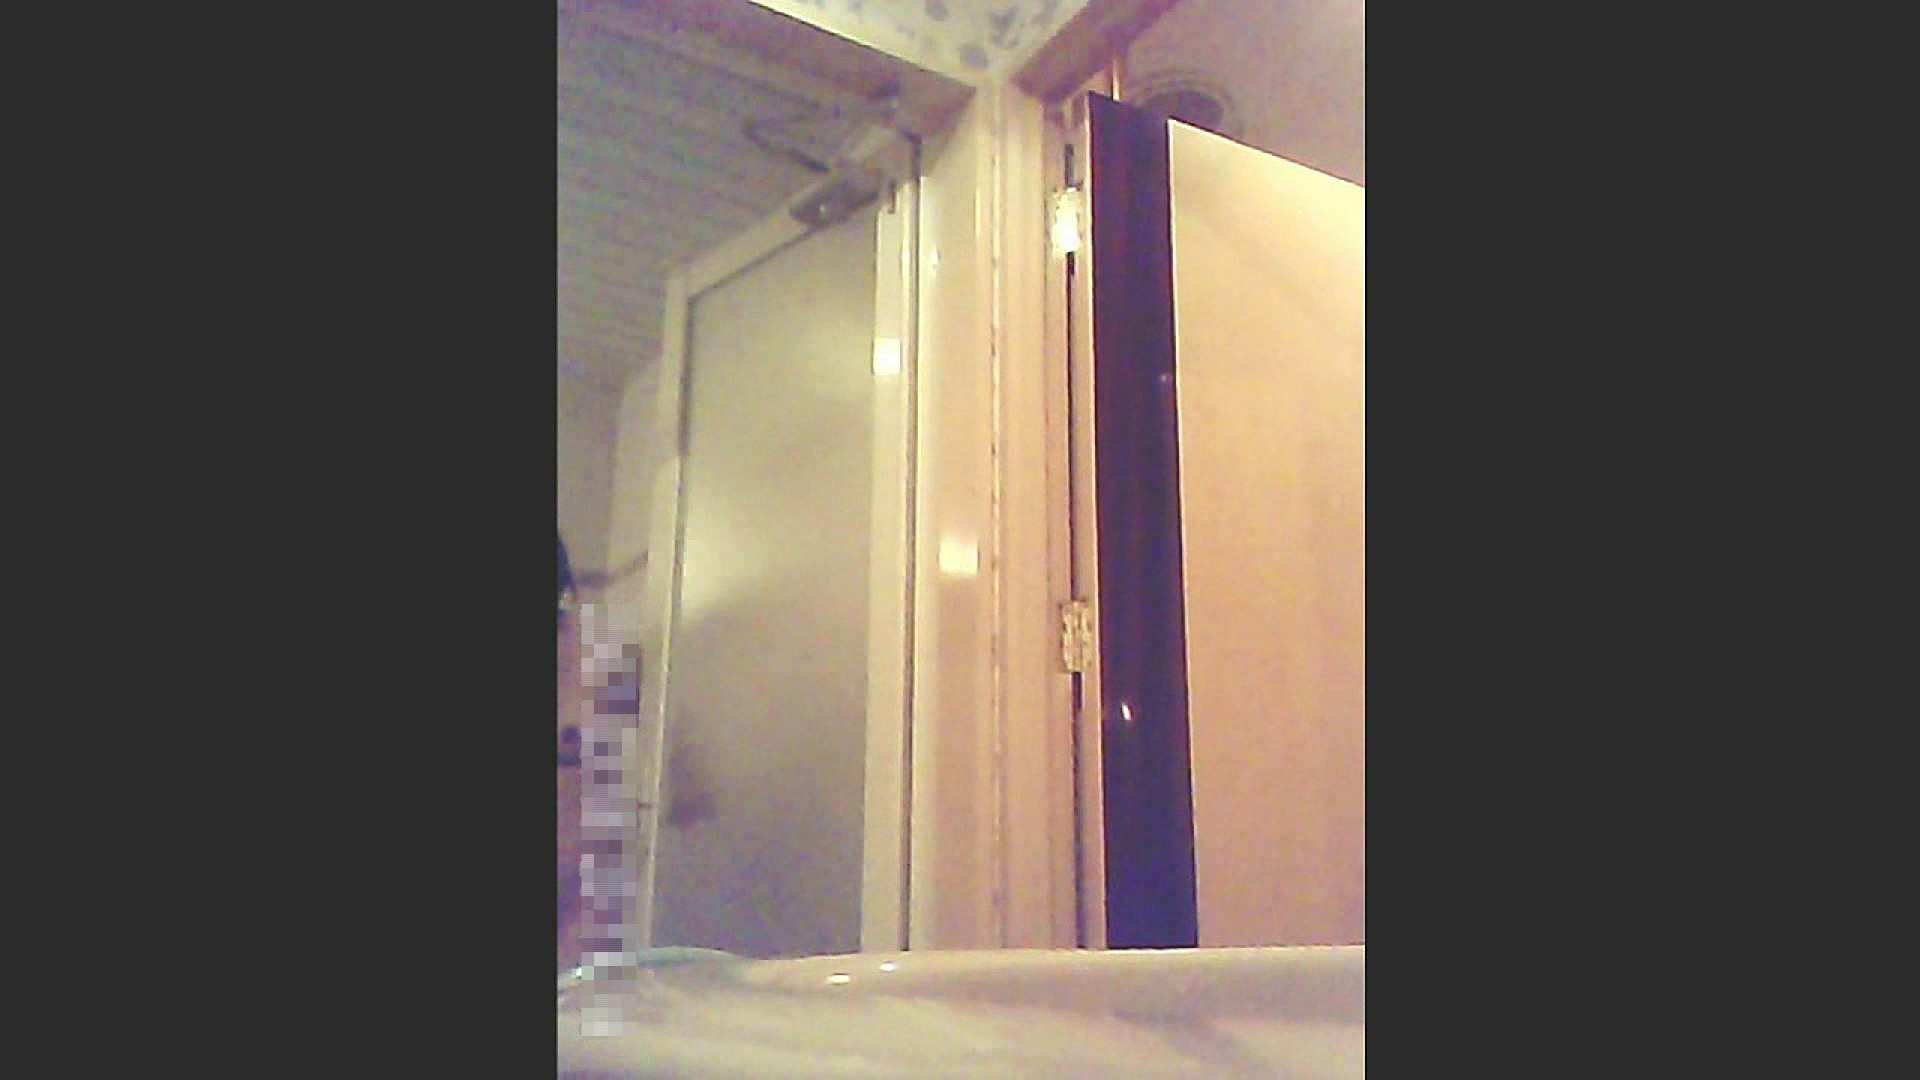 ▲復活限定D▲バトミントン部 みさこ  Vol.14 脱衣編 期間限定 盗撮エロ画像 66pic 44